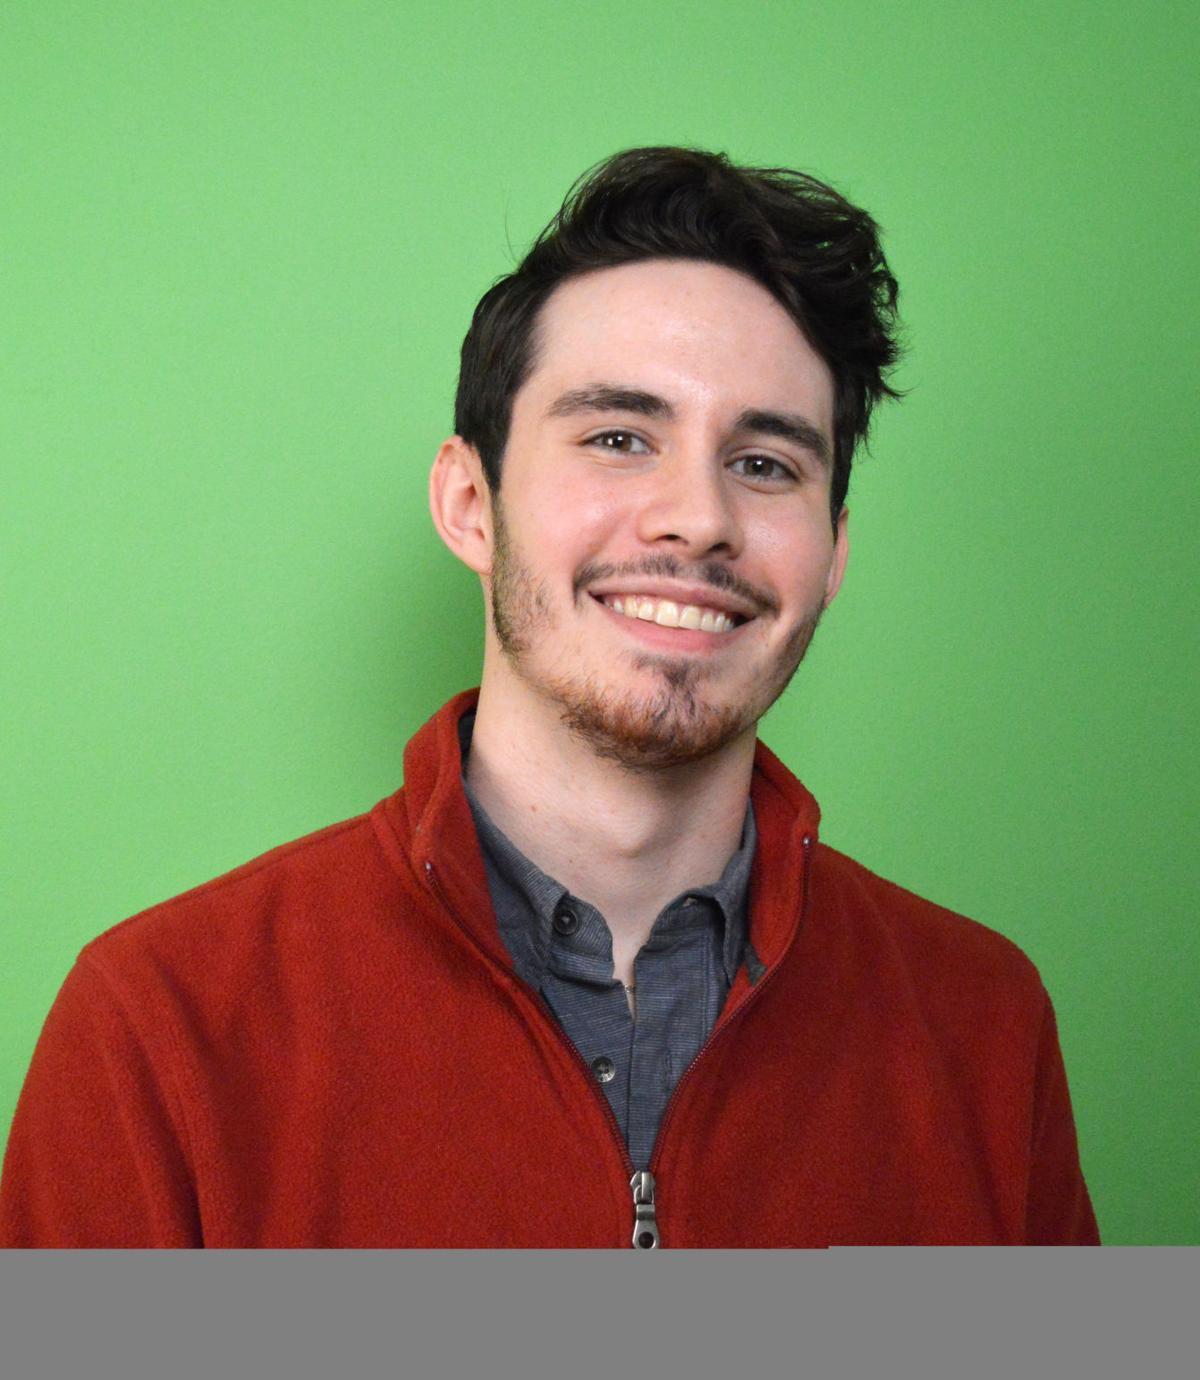 Meet our intern: Jonathan Roberts